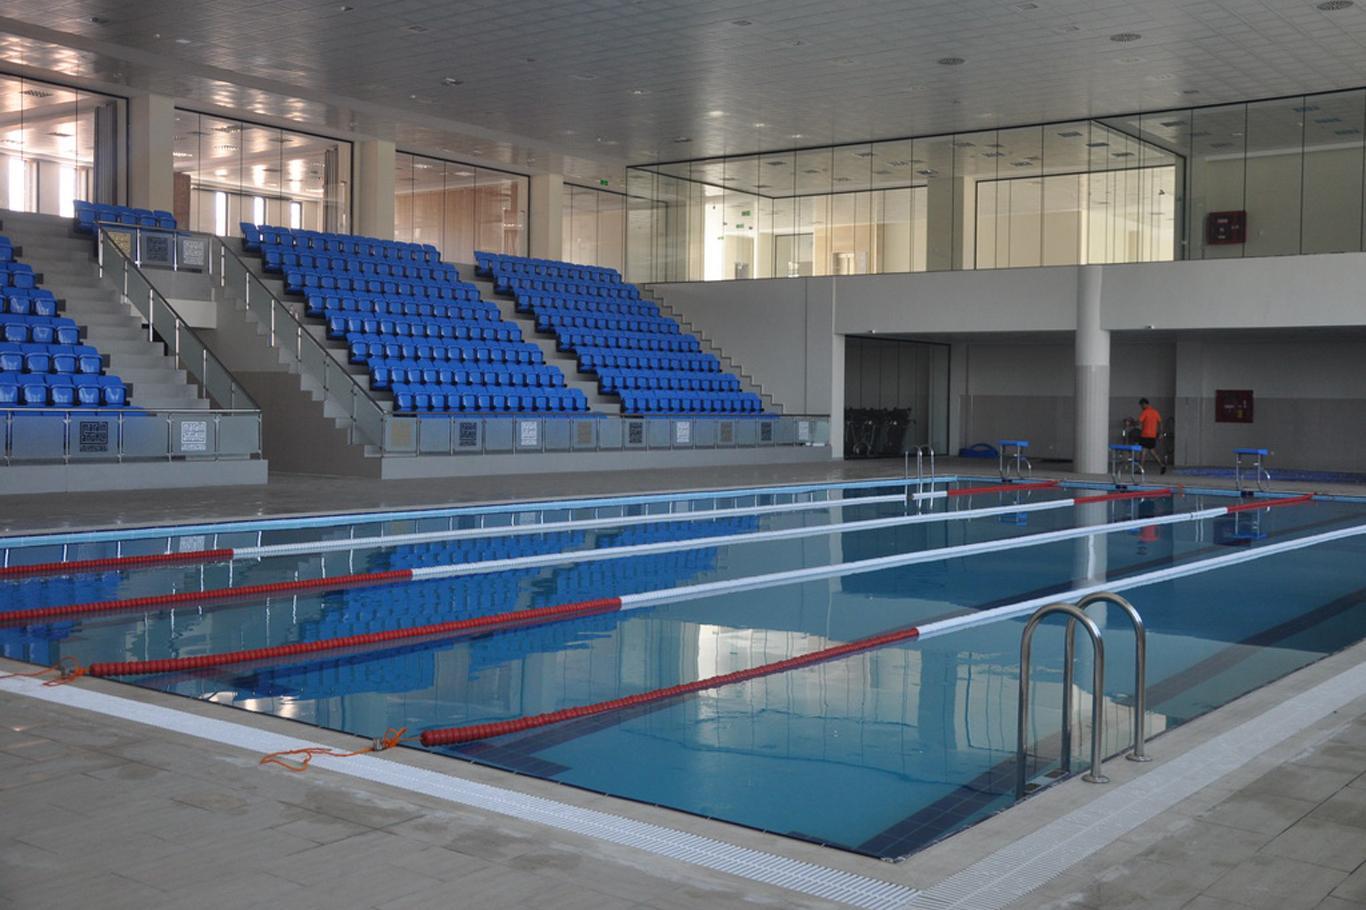 Mardin Üniversitesi Yüzme Havuzu / Mardin